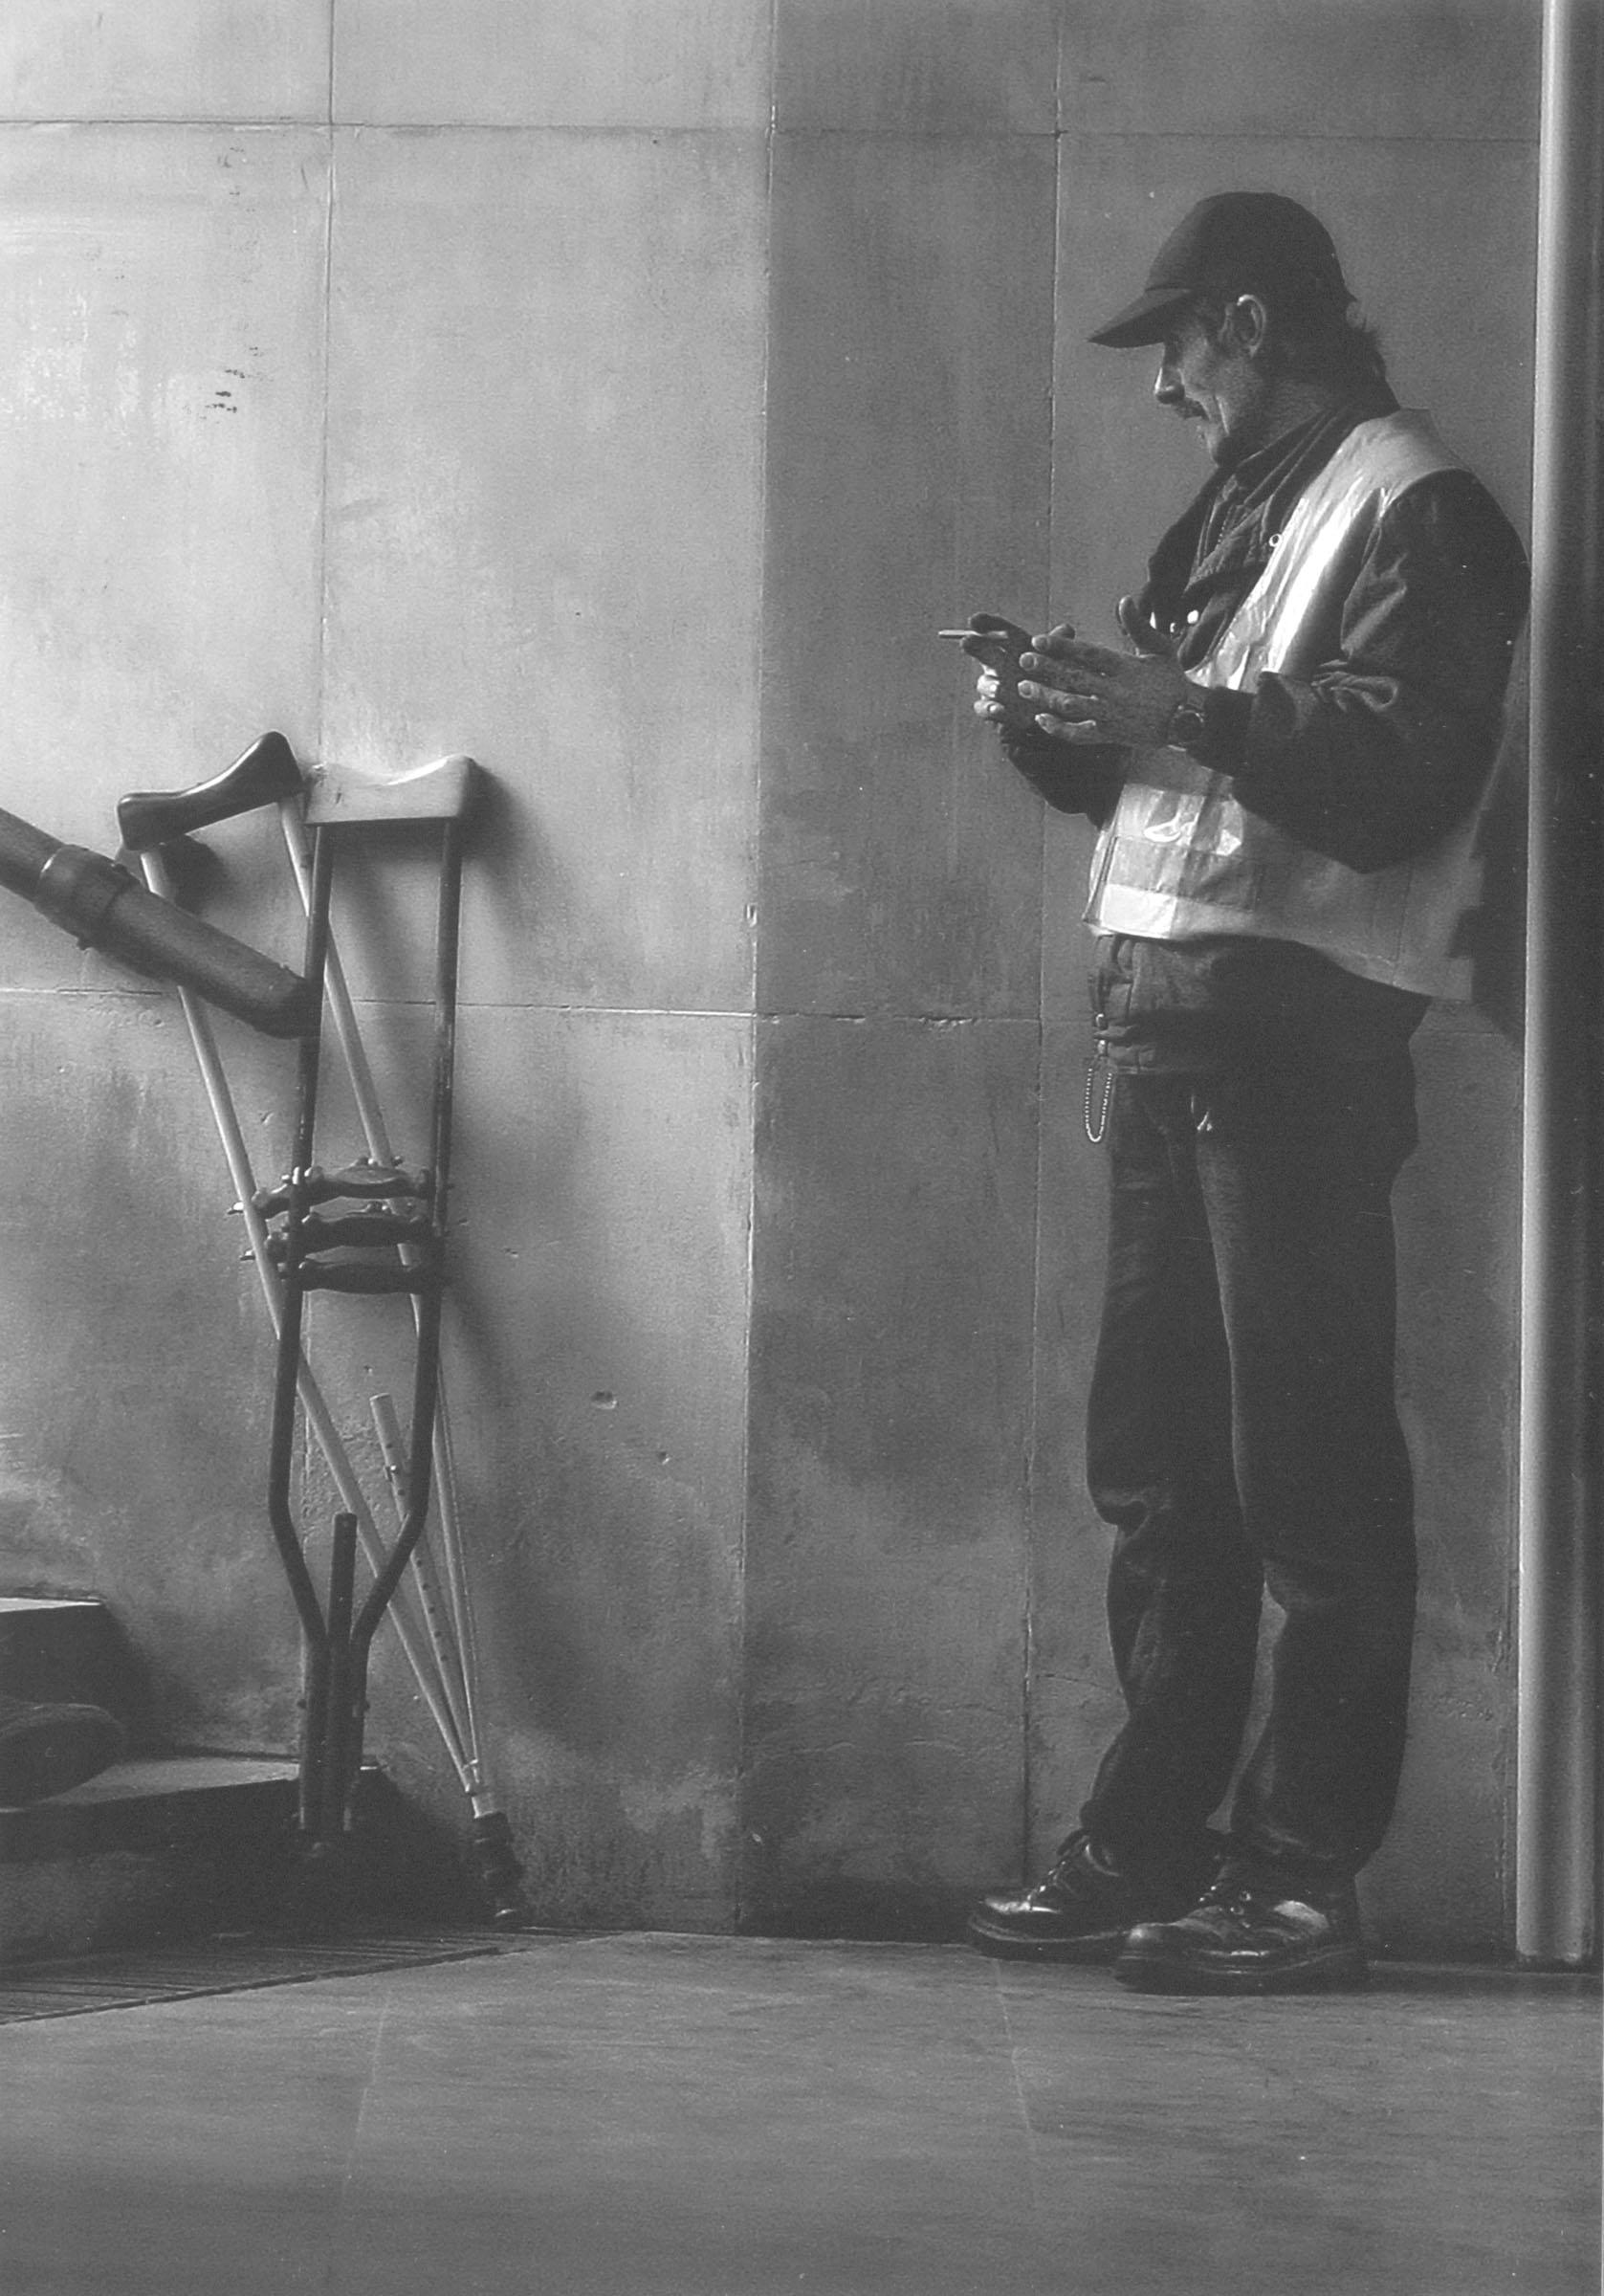 2004.09.18. Hétköznapok fotópályázat - Nyulászi Zsolt - Letámasztott mankók.jpg